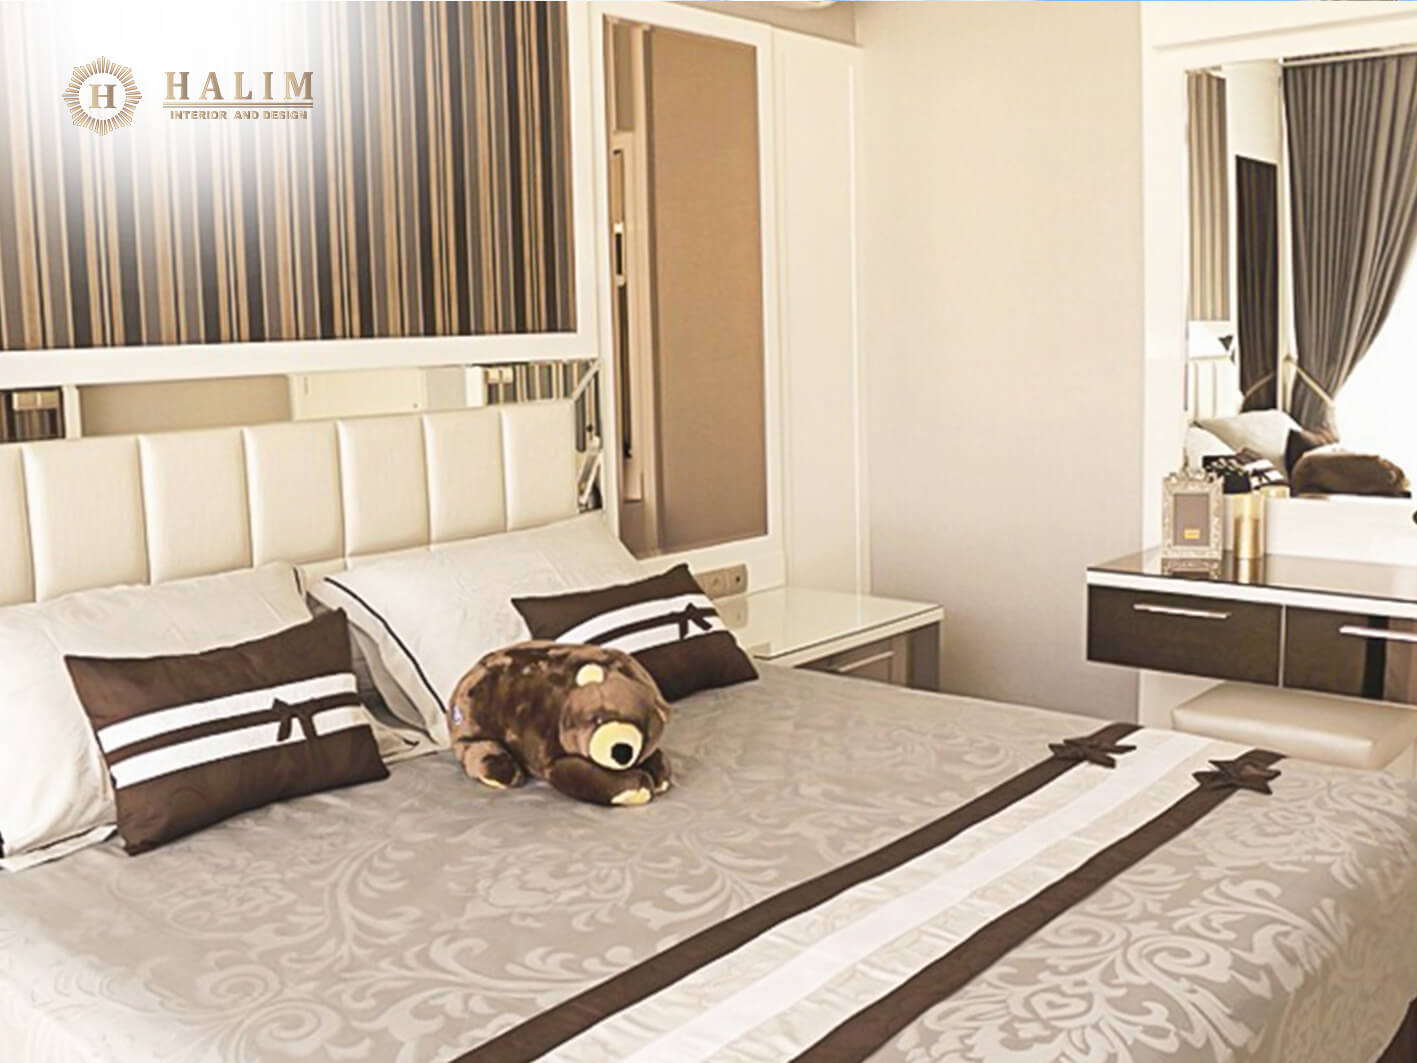 Exceptionnel Halim, Interior, Modern, Furniture, Contemporer American Style, Minimalist,  European,